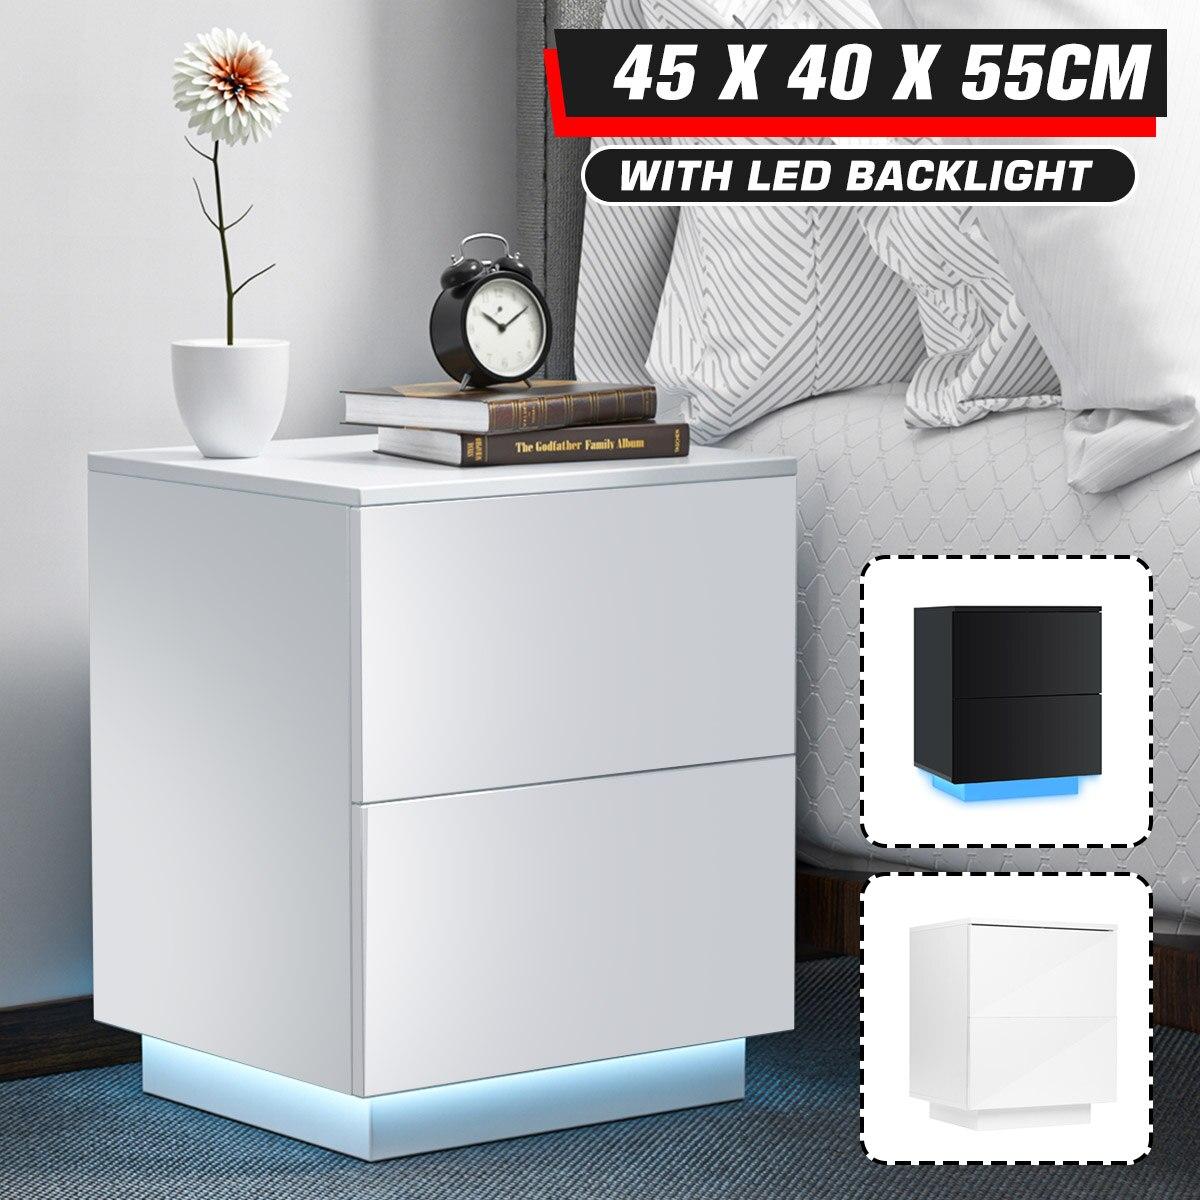 LED طاولات صغيرة بجوار السرير الأثاث الحديثة منضدة حافظة ملفات التخزين المنظم أثاث غرفة نوم طاولة جانبية للسرير 2 خزانة أدراج